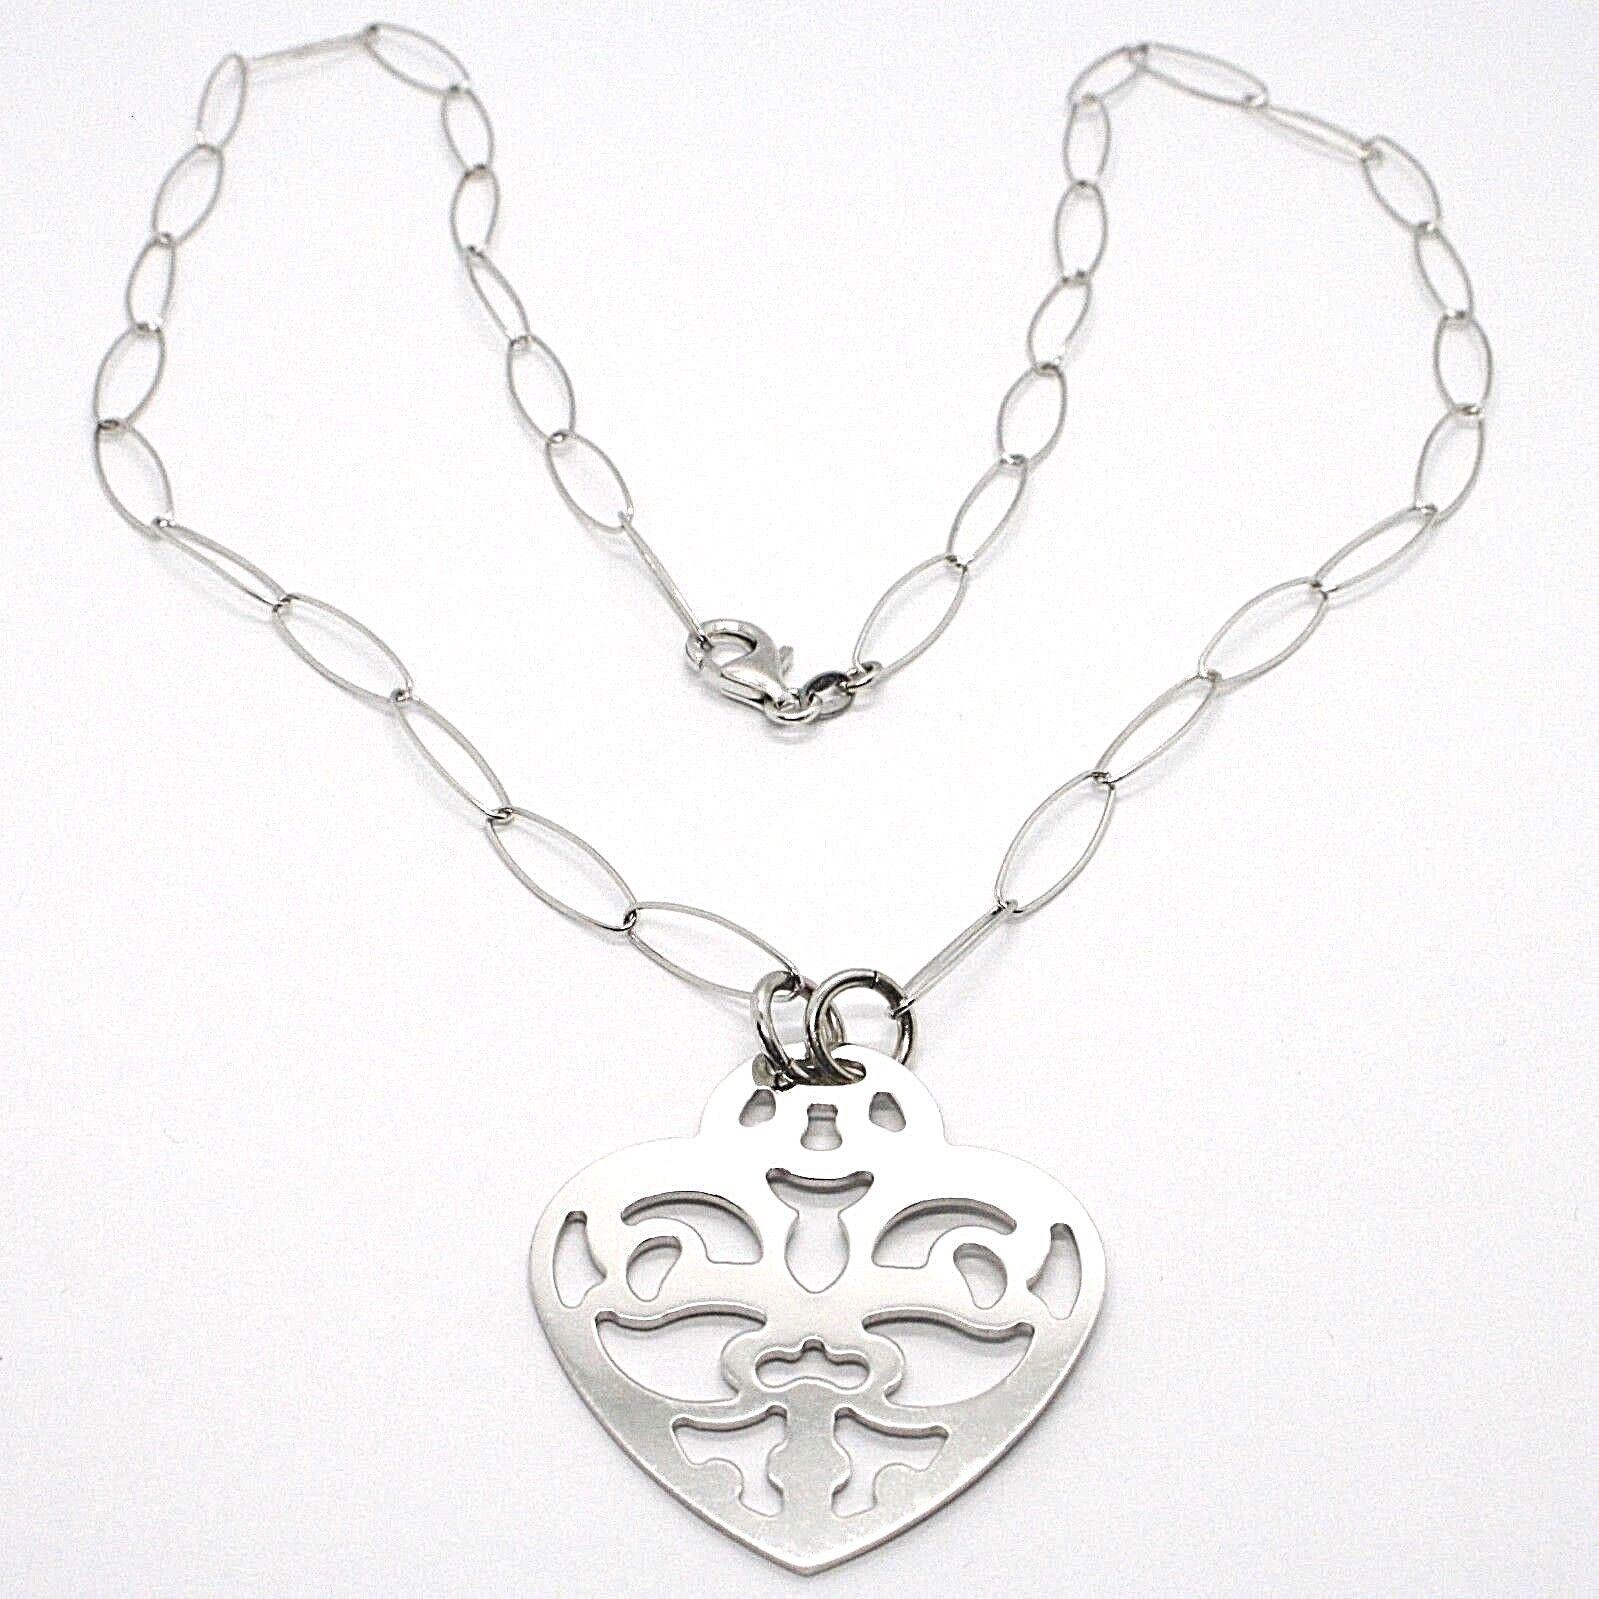 925 silver Halskette, Kette Oval, Herz Gerade Perforiert, Anhänger